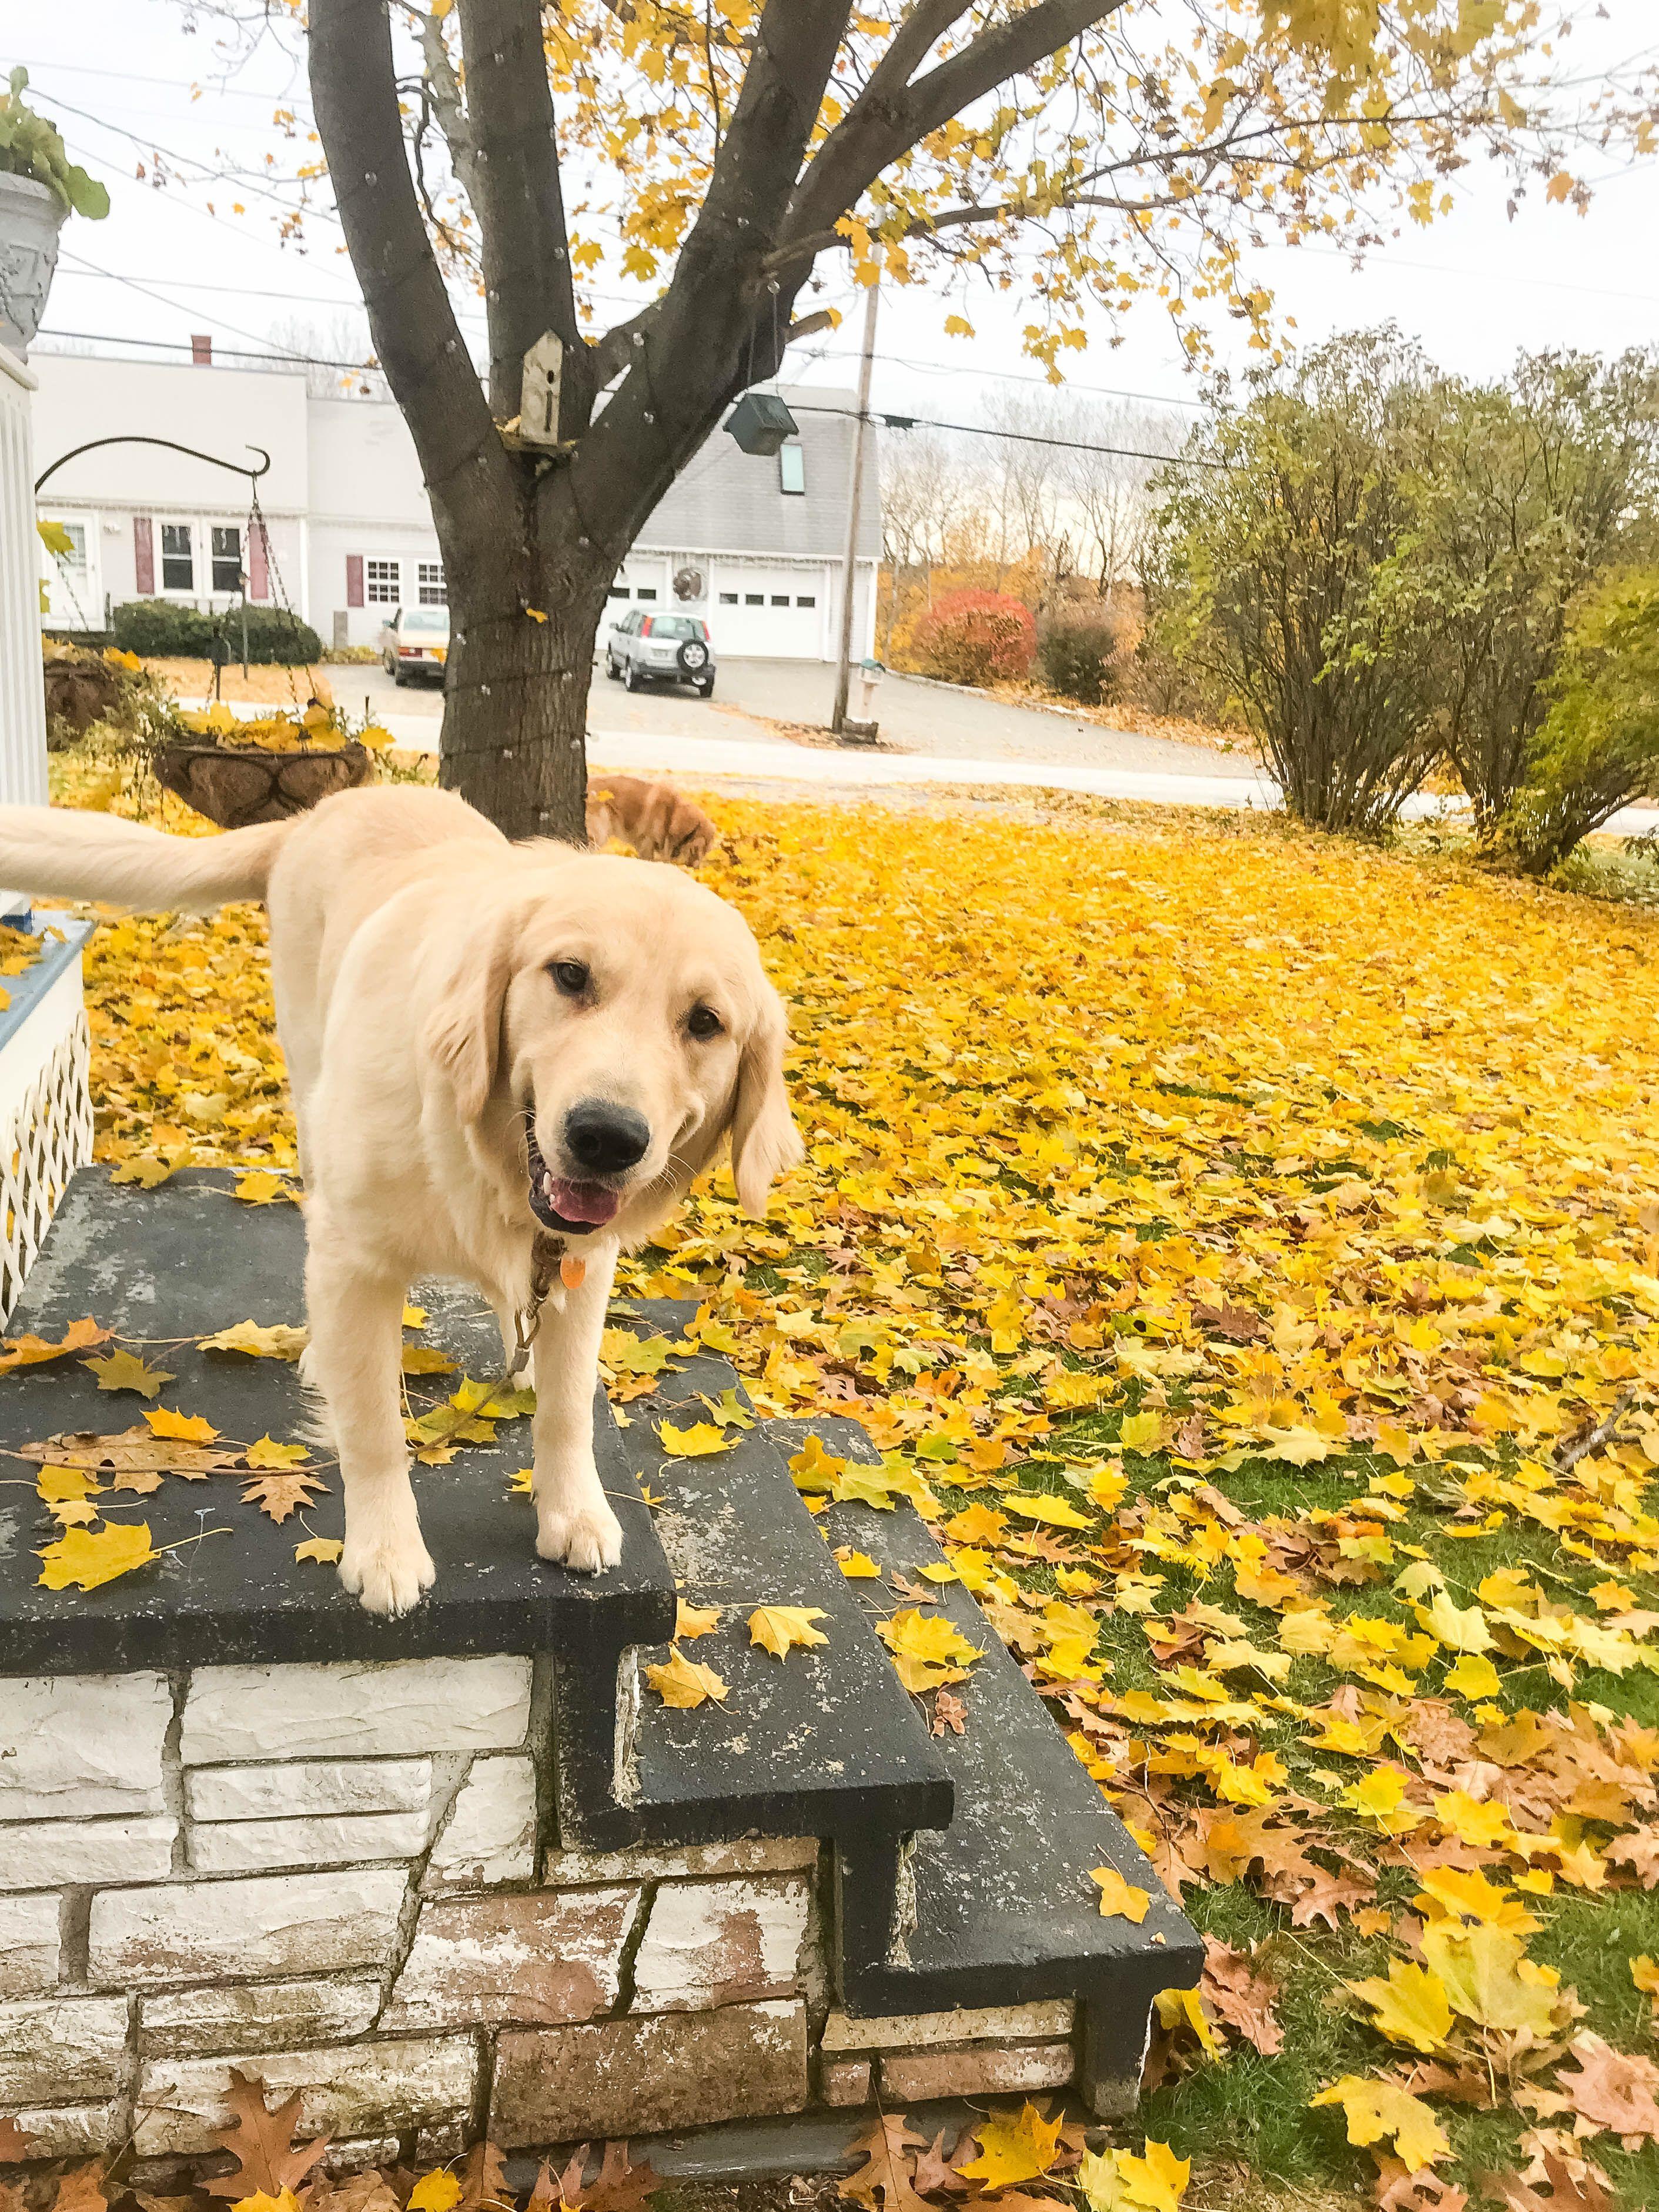 Golden retriever puppy Jasper the friendly golden from